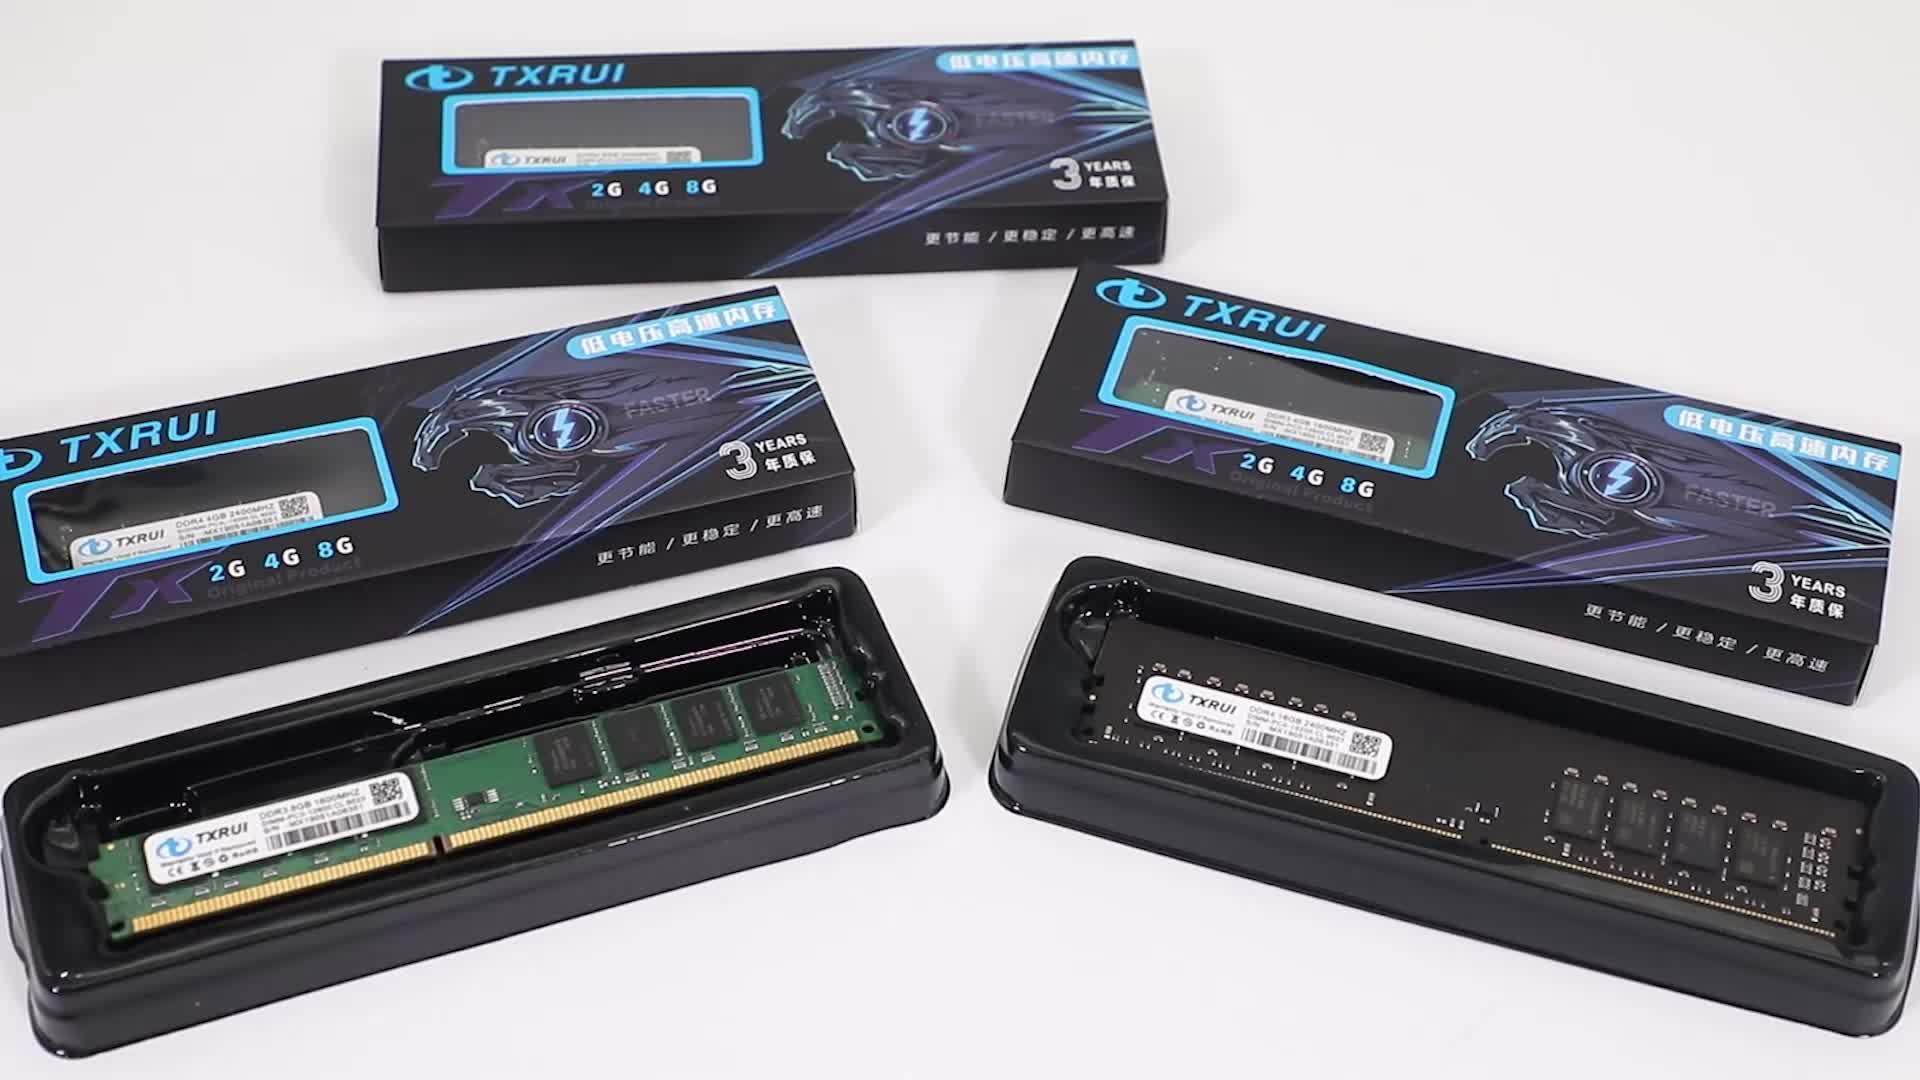 Bilgisayar parçaları orijinal sn cips ram kullanılan dışarı çekin masaüstü bilgisayar ram 1333 mhz ddr2 2 gb ram